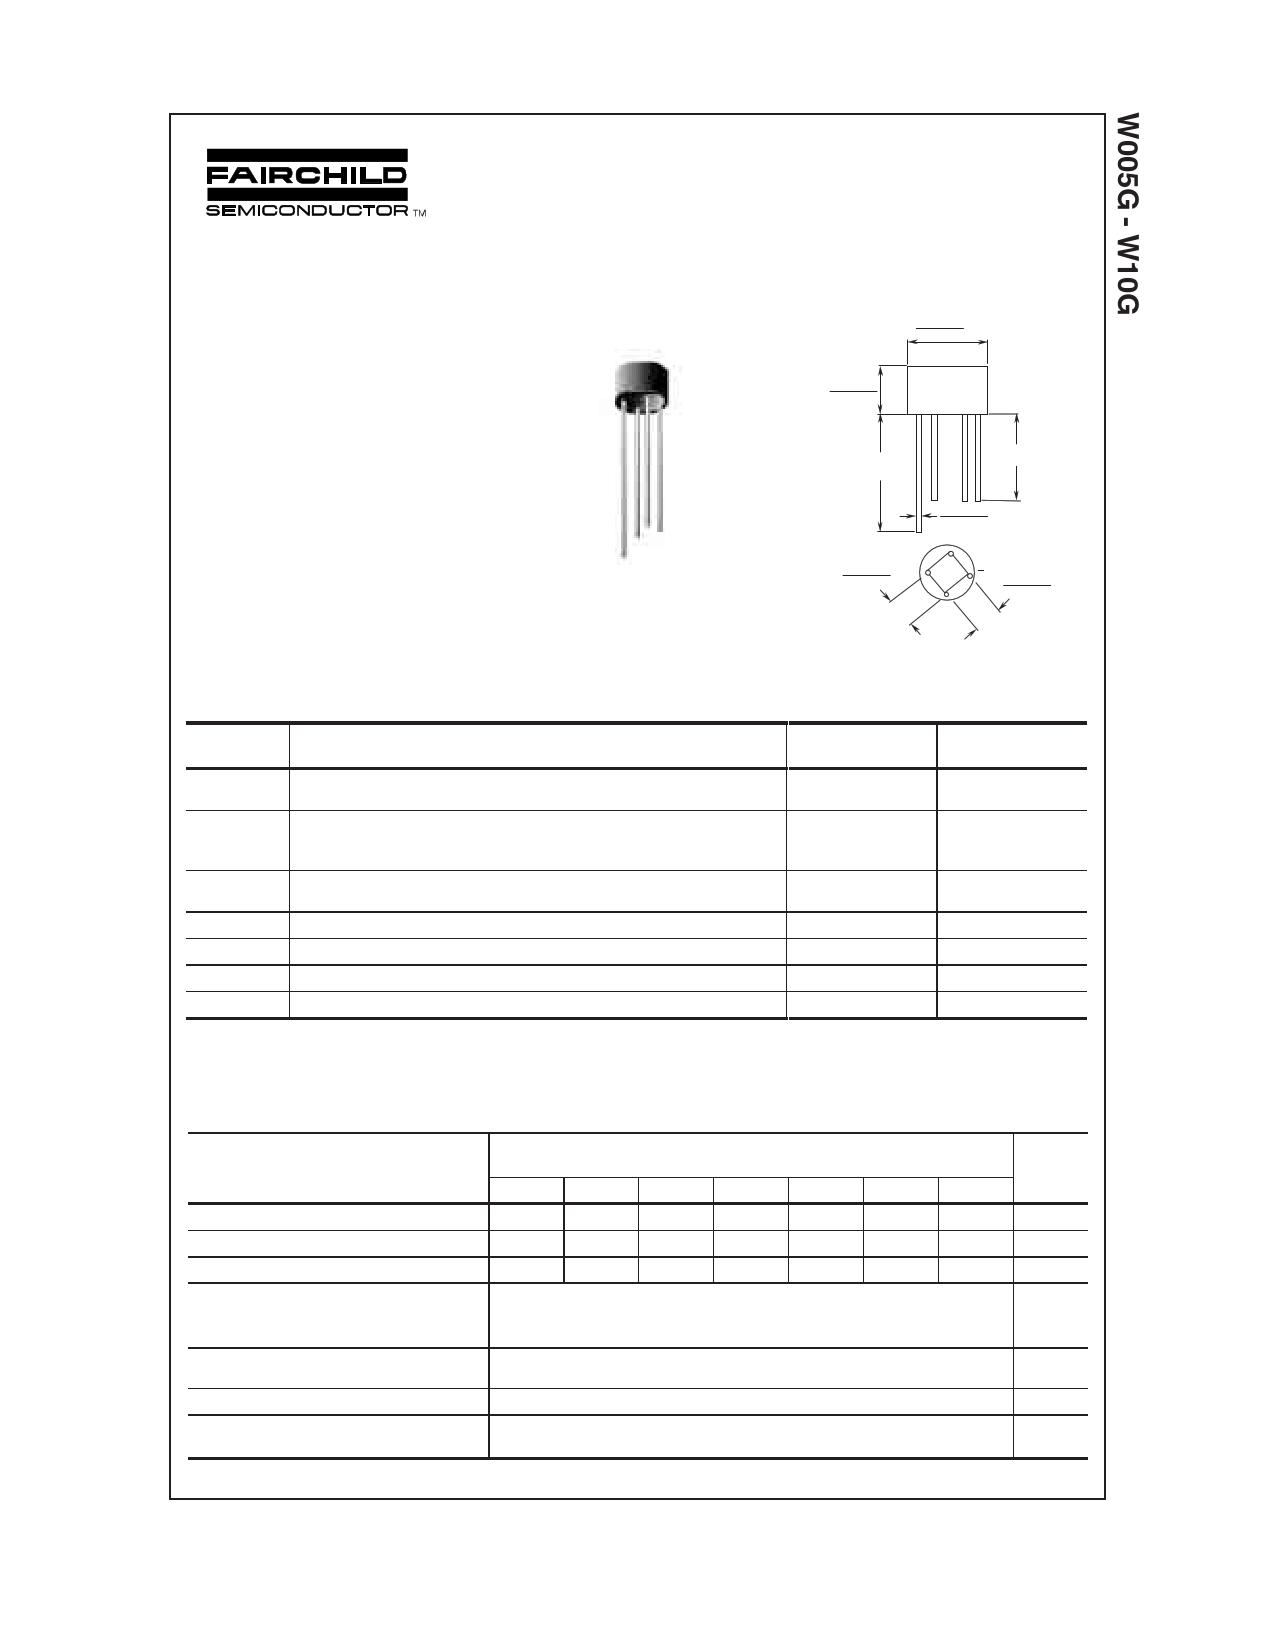 W005G datasheet